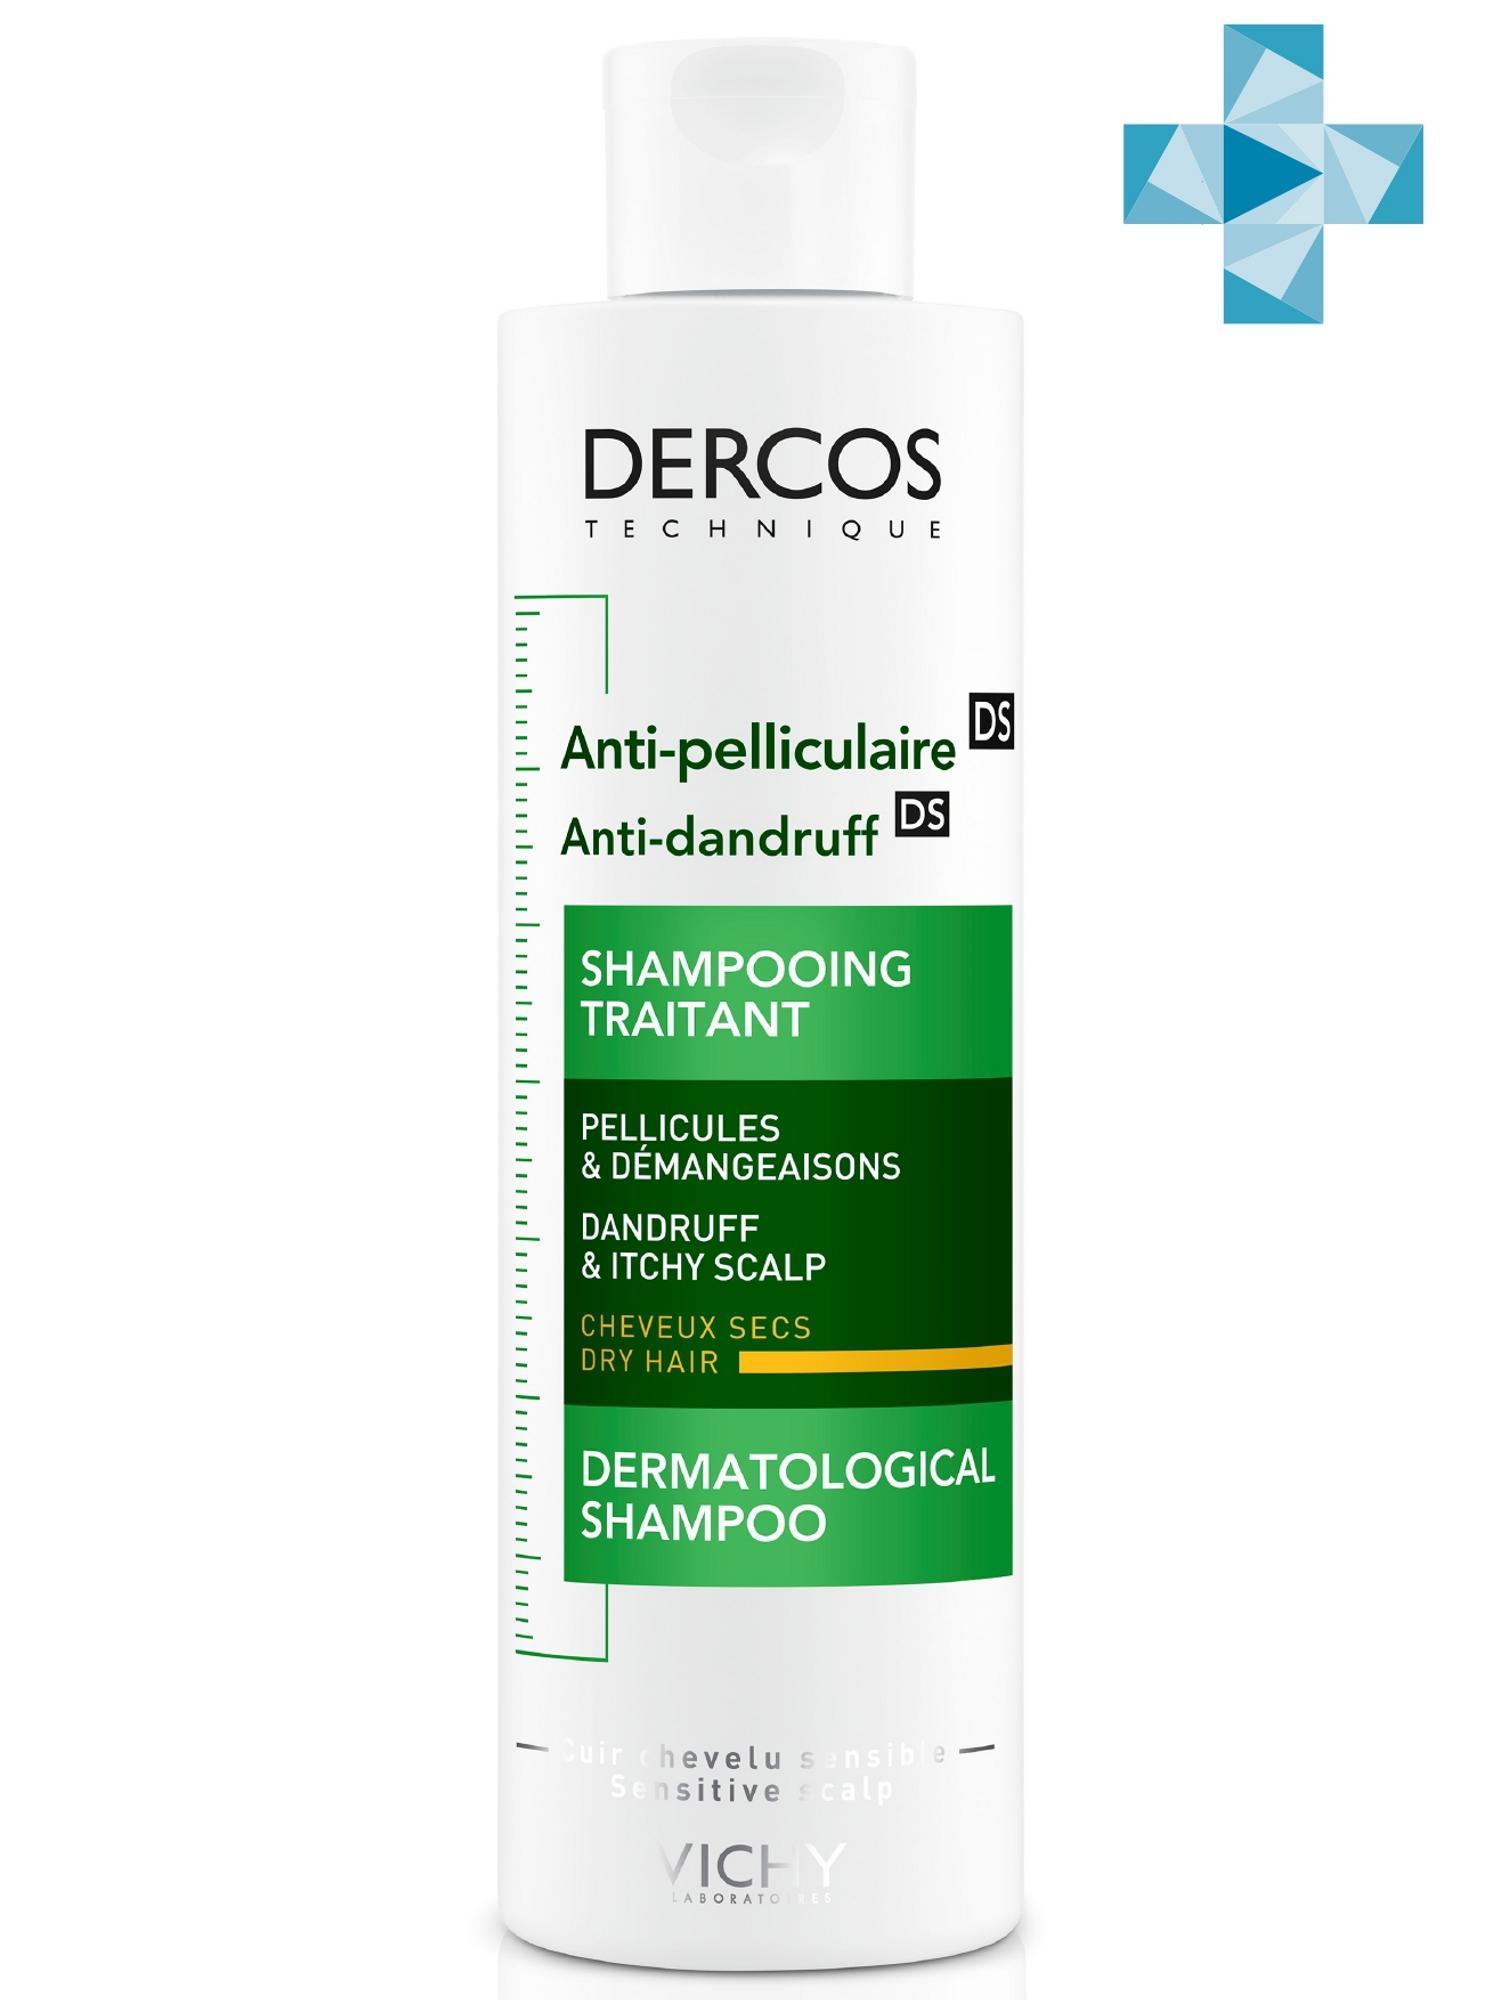 Купить Vichy Интенсивный Шампунь-уход против перхоти питательный для сухих волос, 200 мл (Vichy, Dercos), Франция